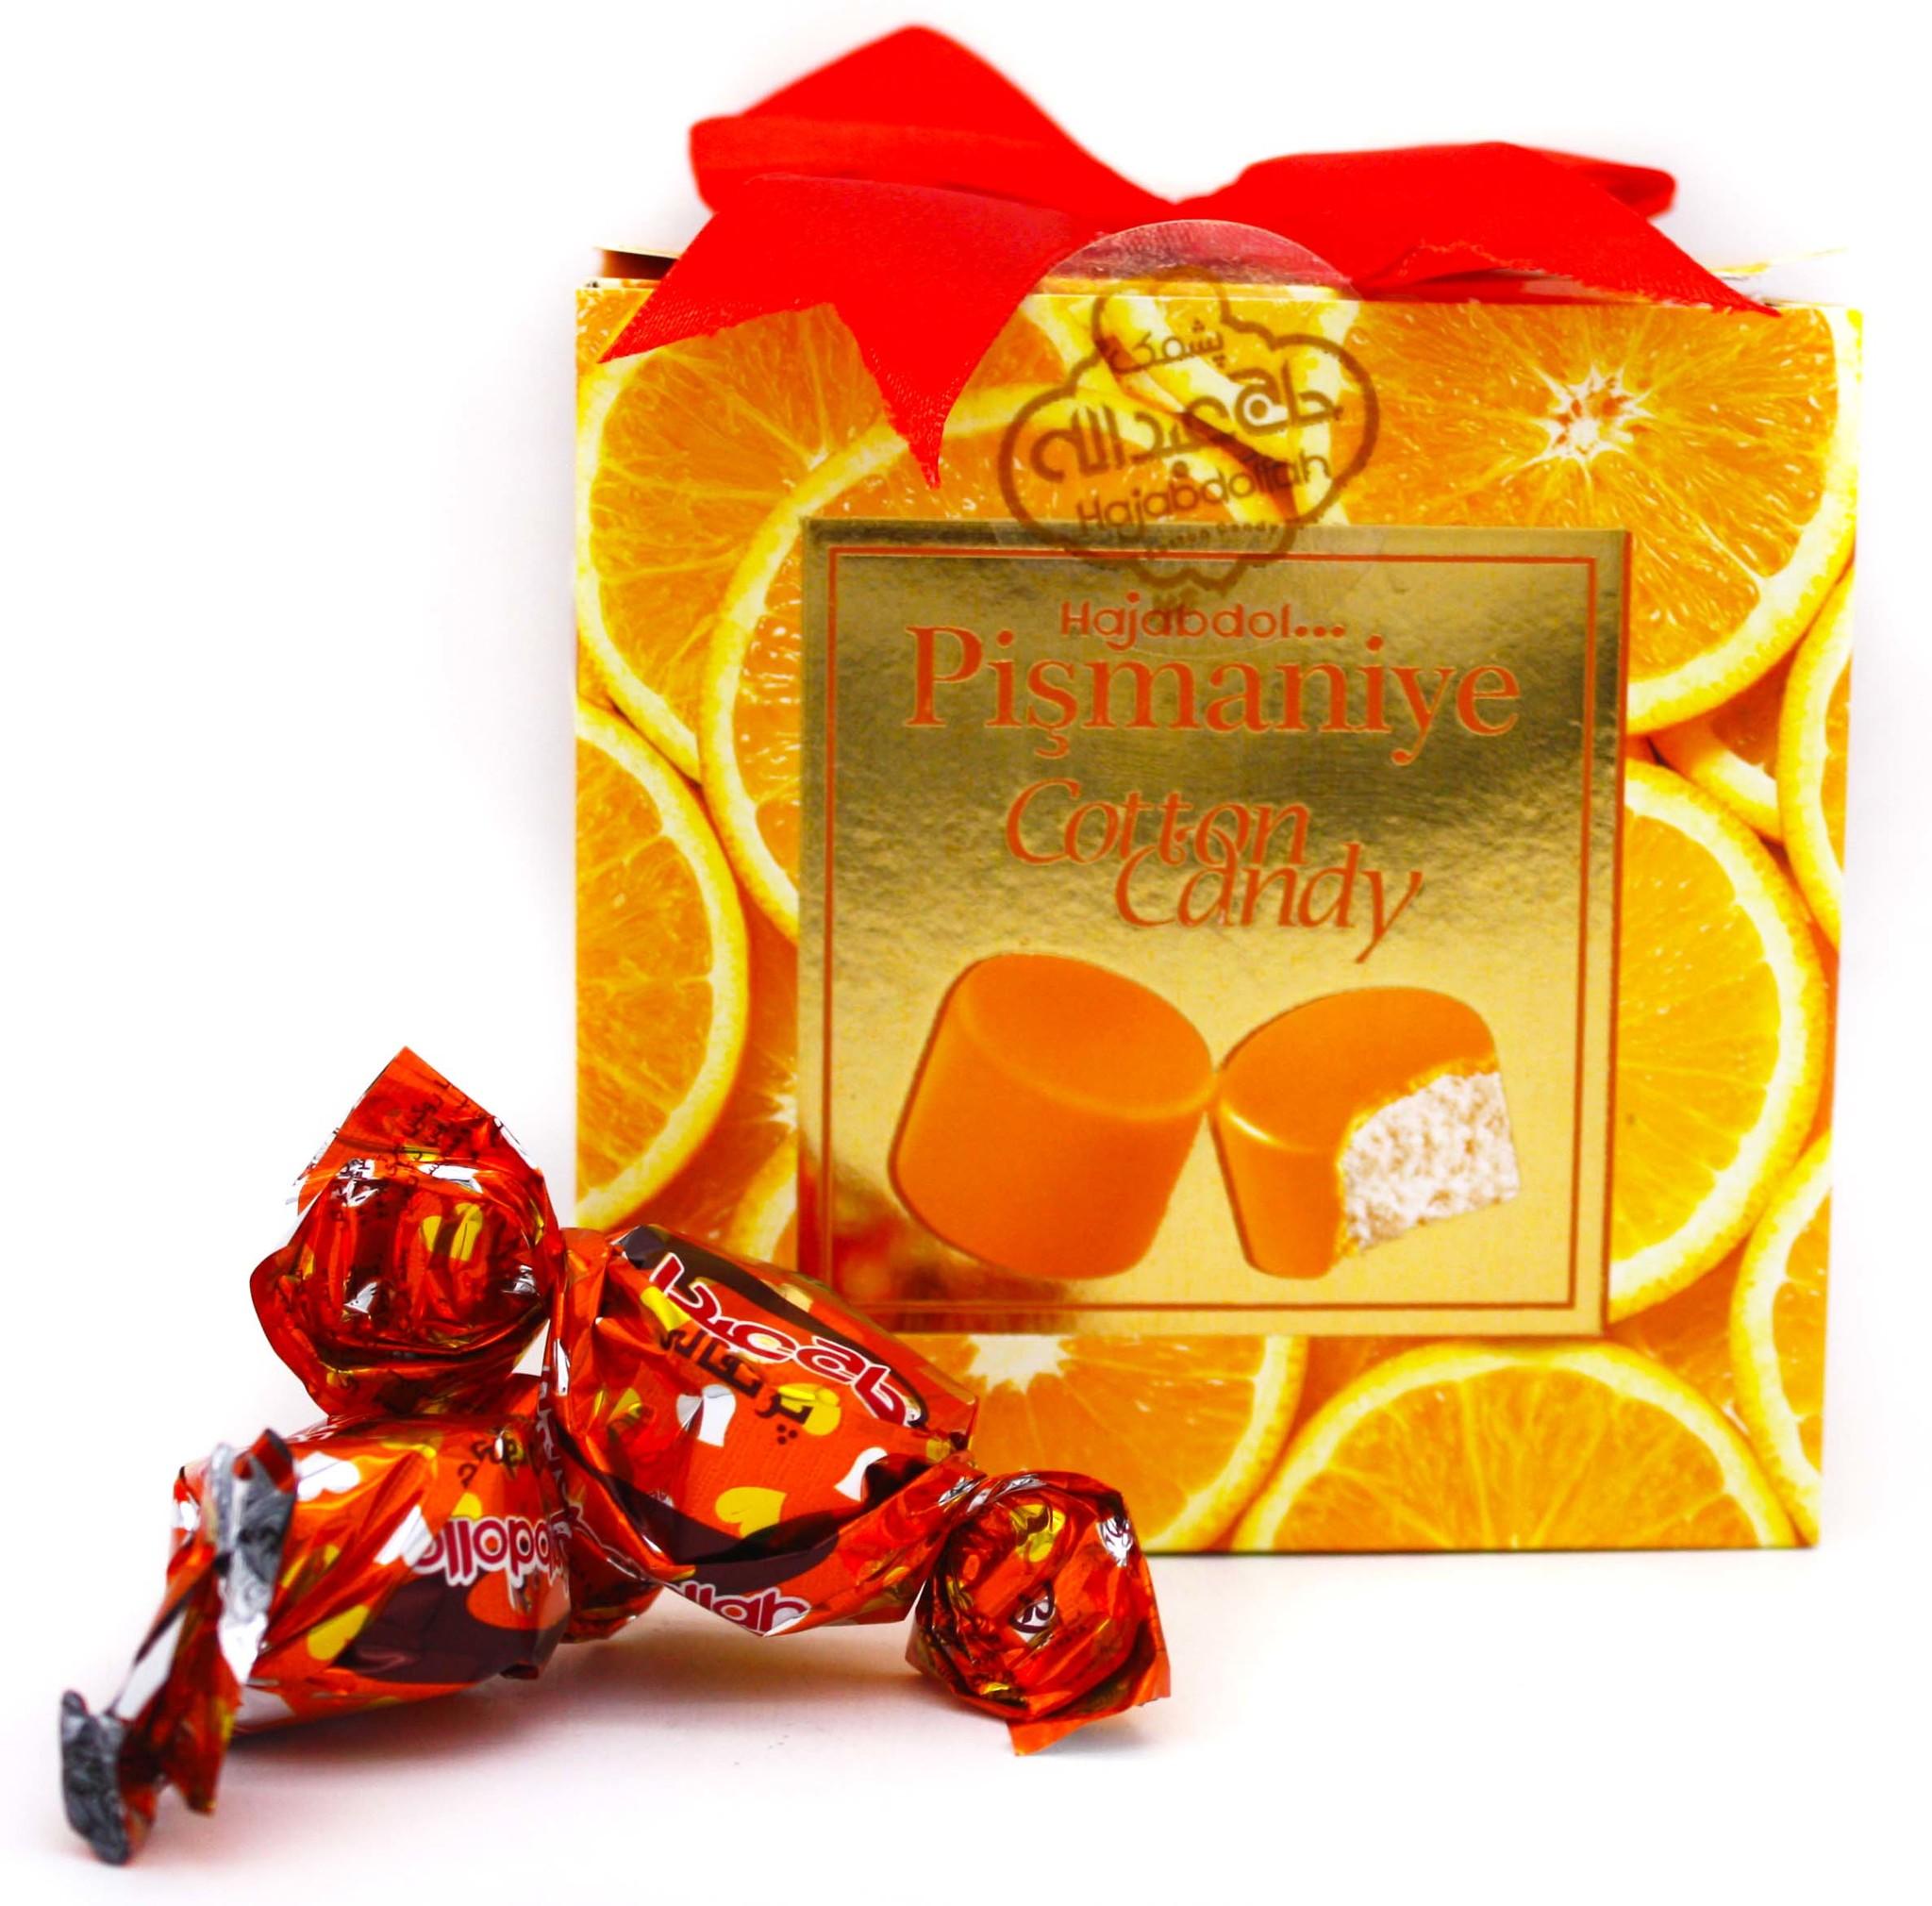 Подарочные наборы Пишмание со вкусом апельсина во фруктовой глазури в подарочной упаковке, Hajabdollah, 300 г import_files_bb_bb6af2090a0311eaa9c3484d7ecee297_d340ec74222a11eaa9c6484d7ecee297.jpg